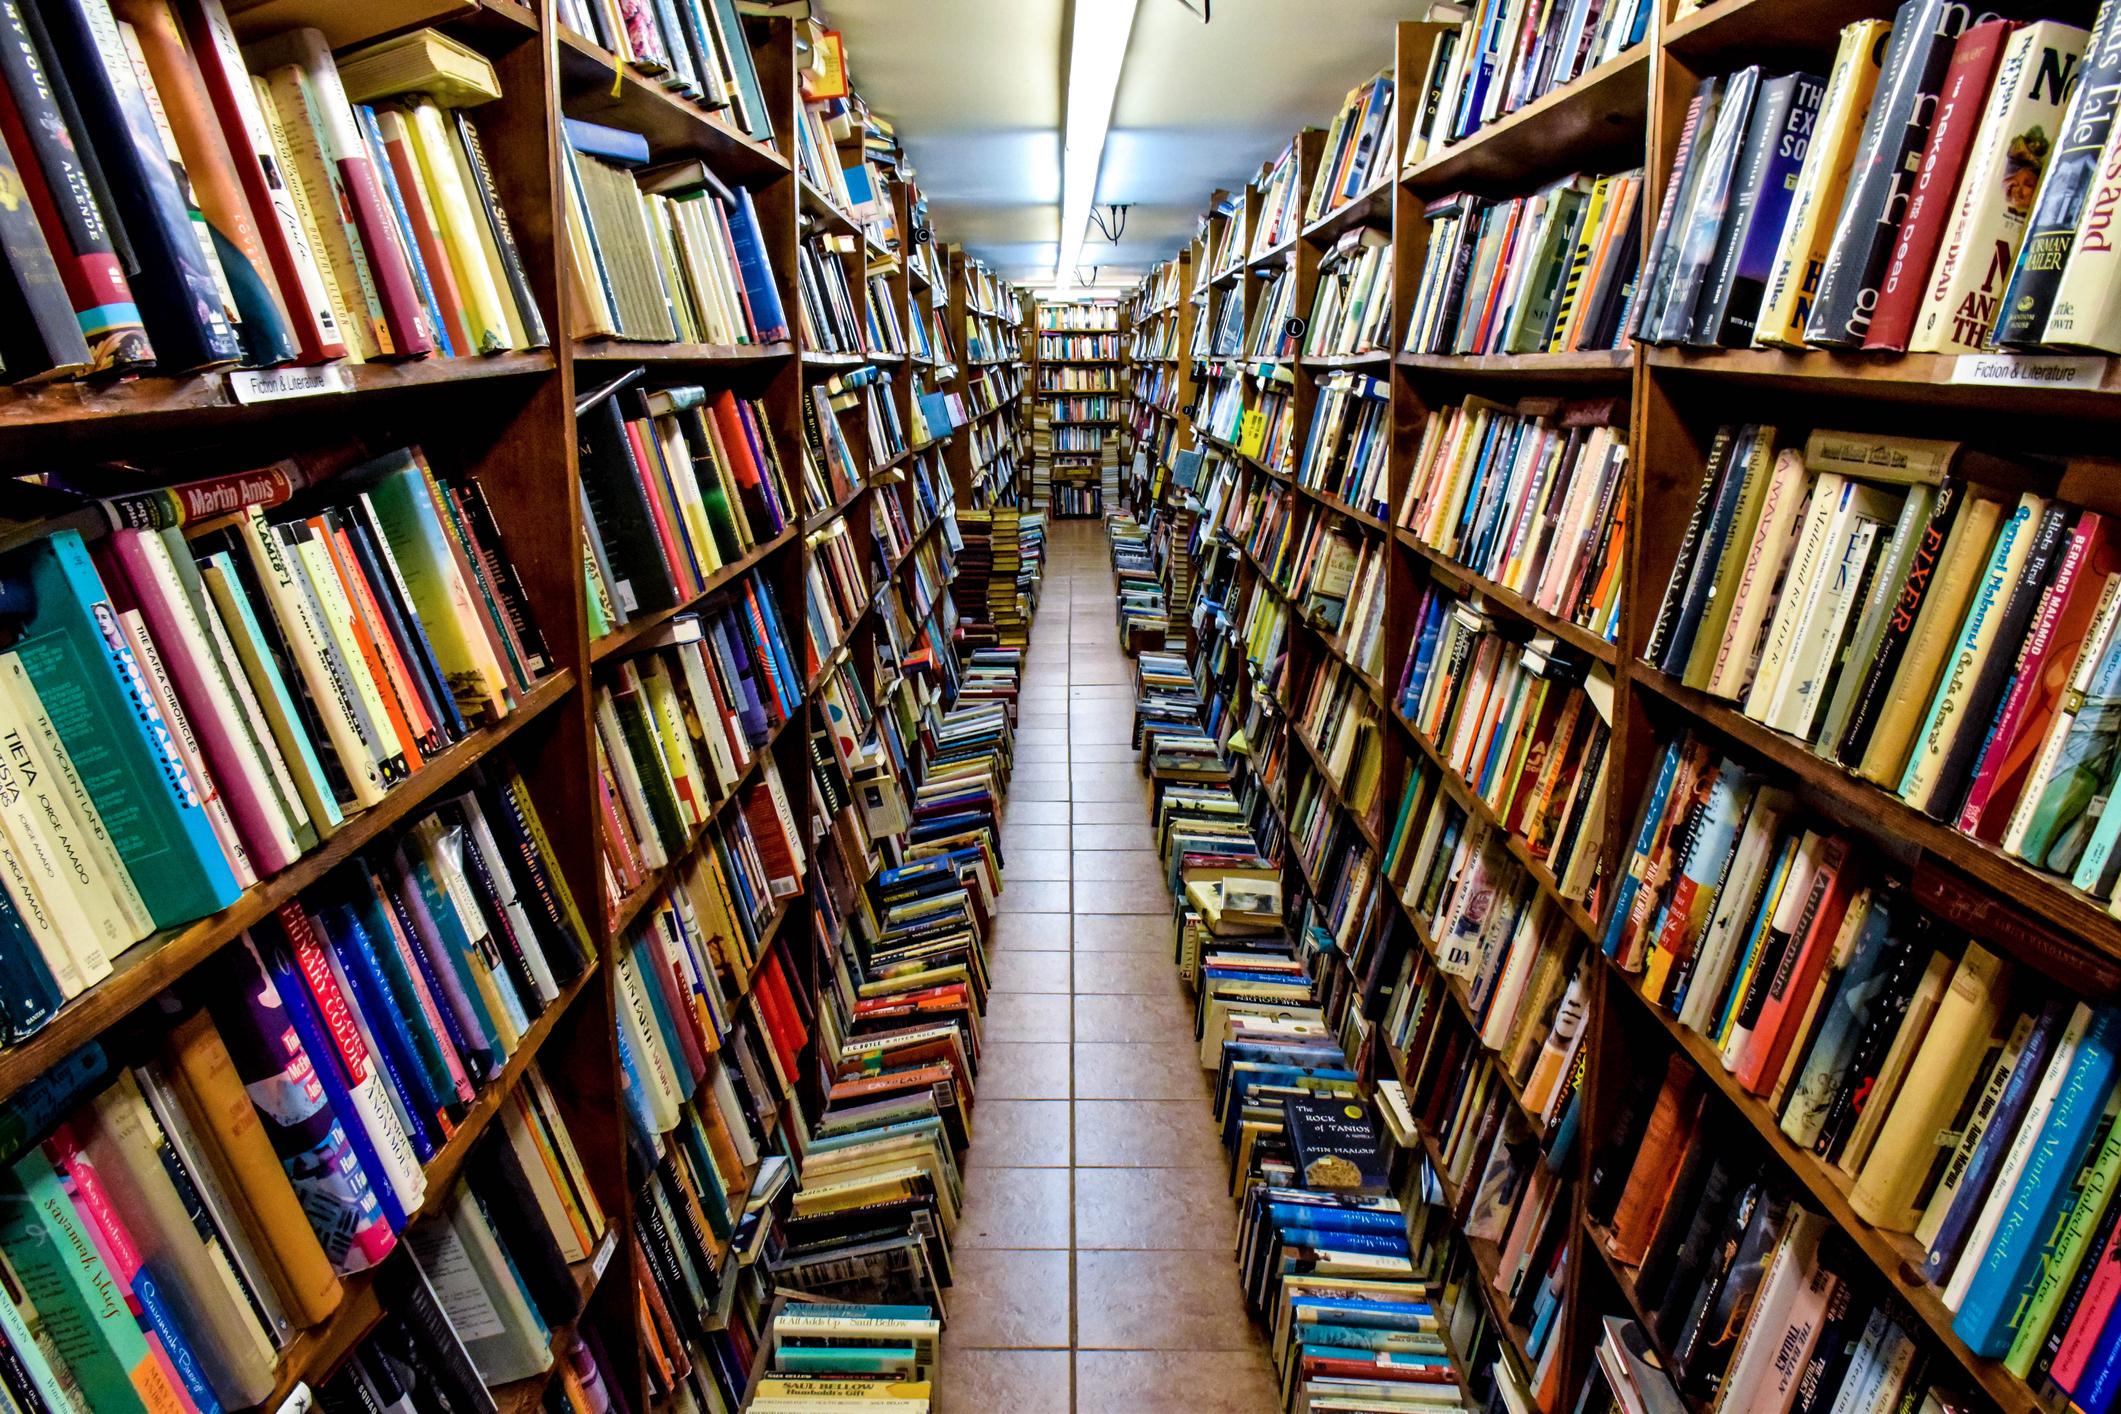 Aisle full of books